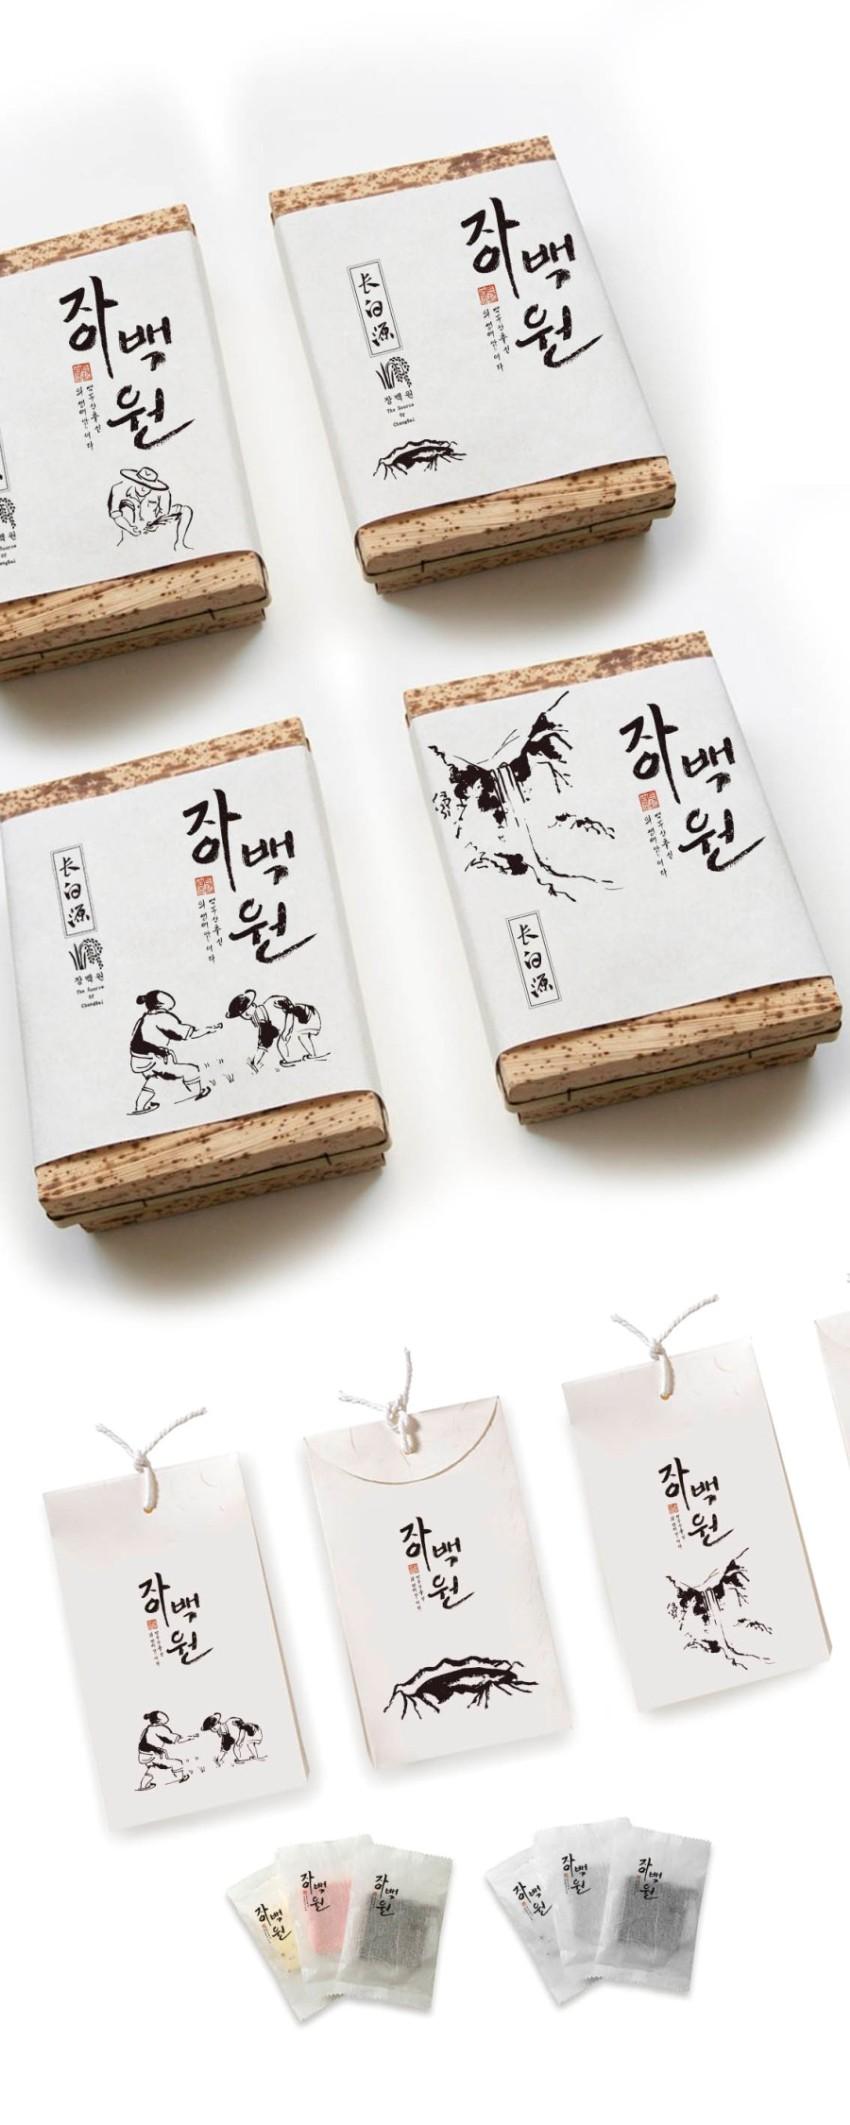 上海vi设计-简约的传统包装设计